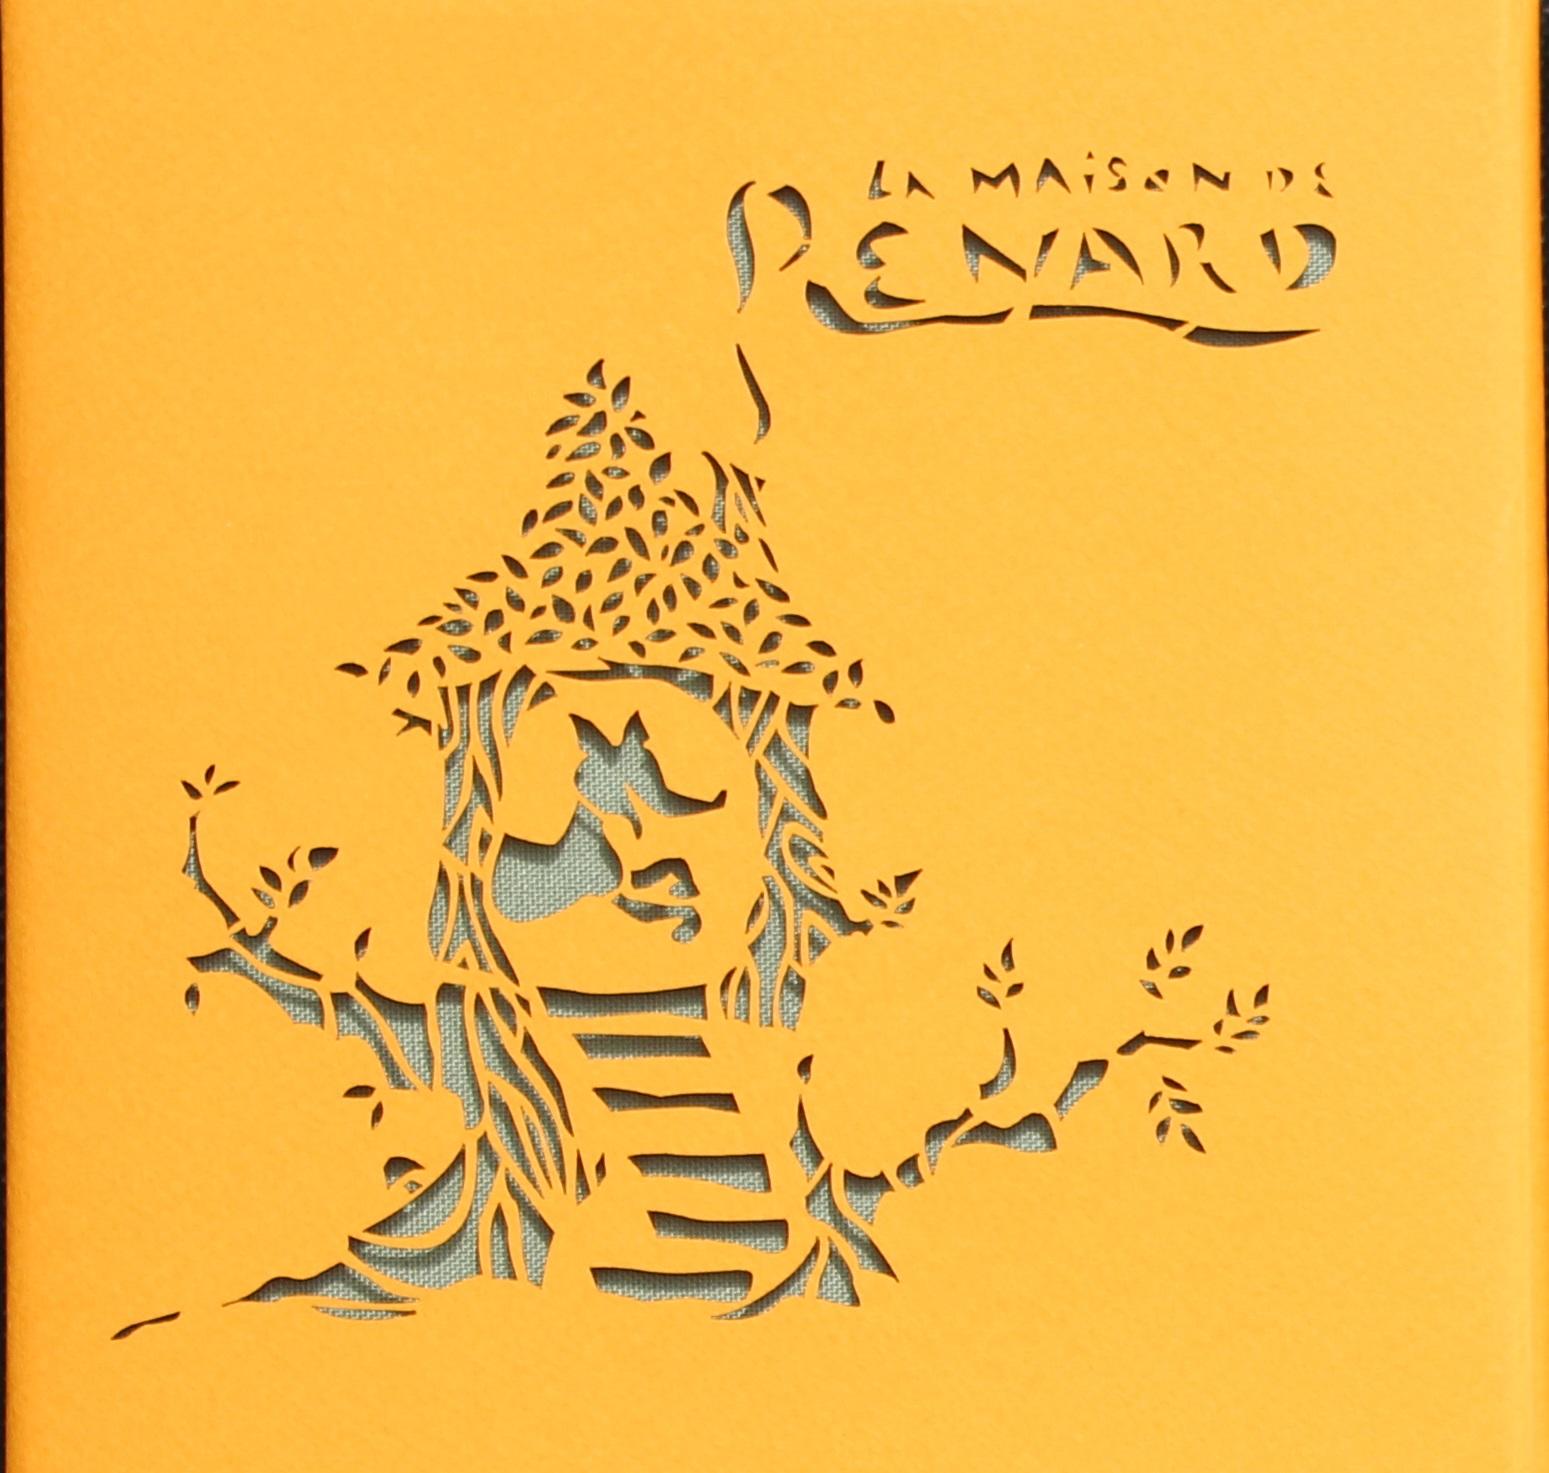 La Maison de Renard